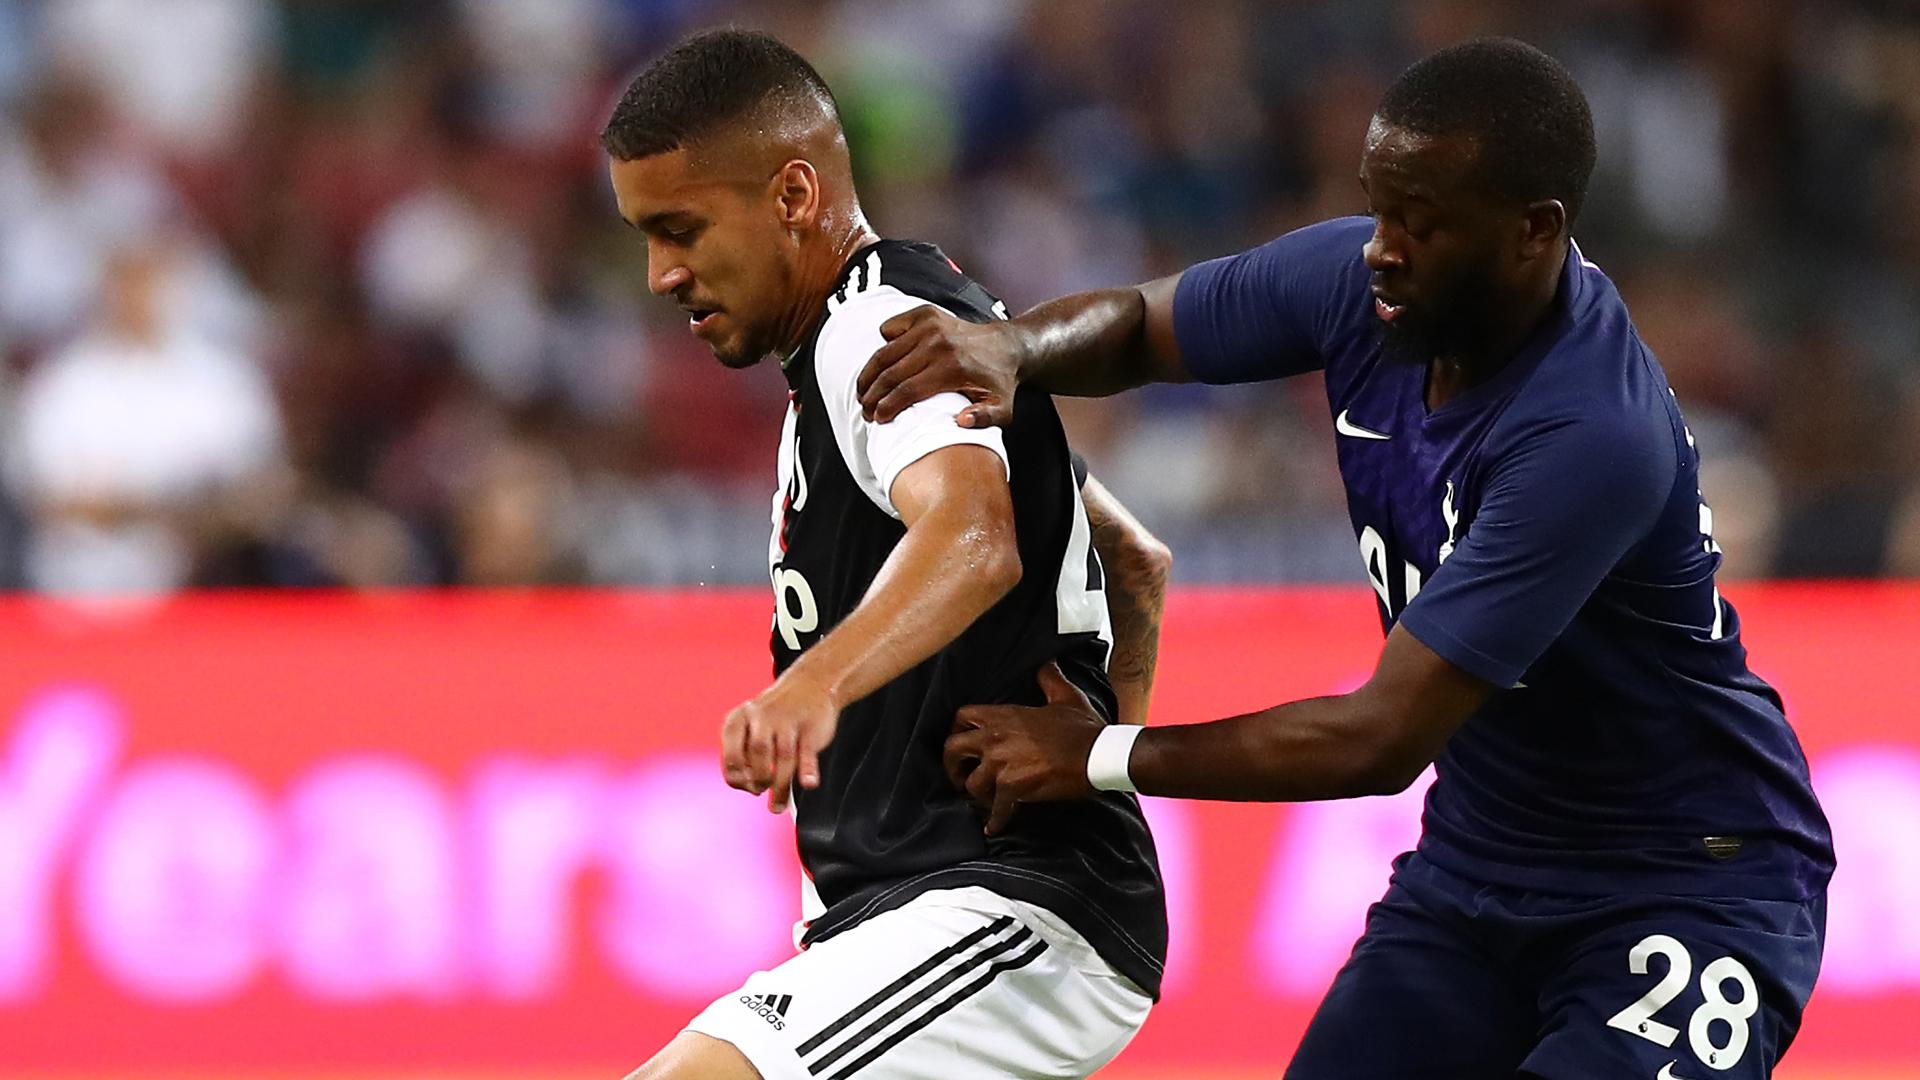 Esordio Muratore dal 1′: titolare contro il Team K-League